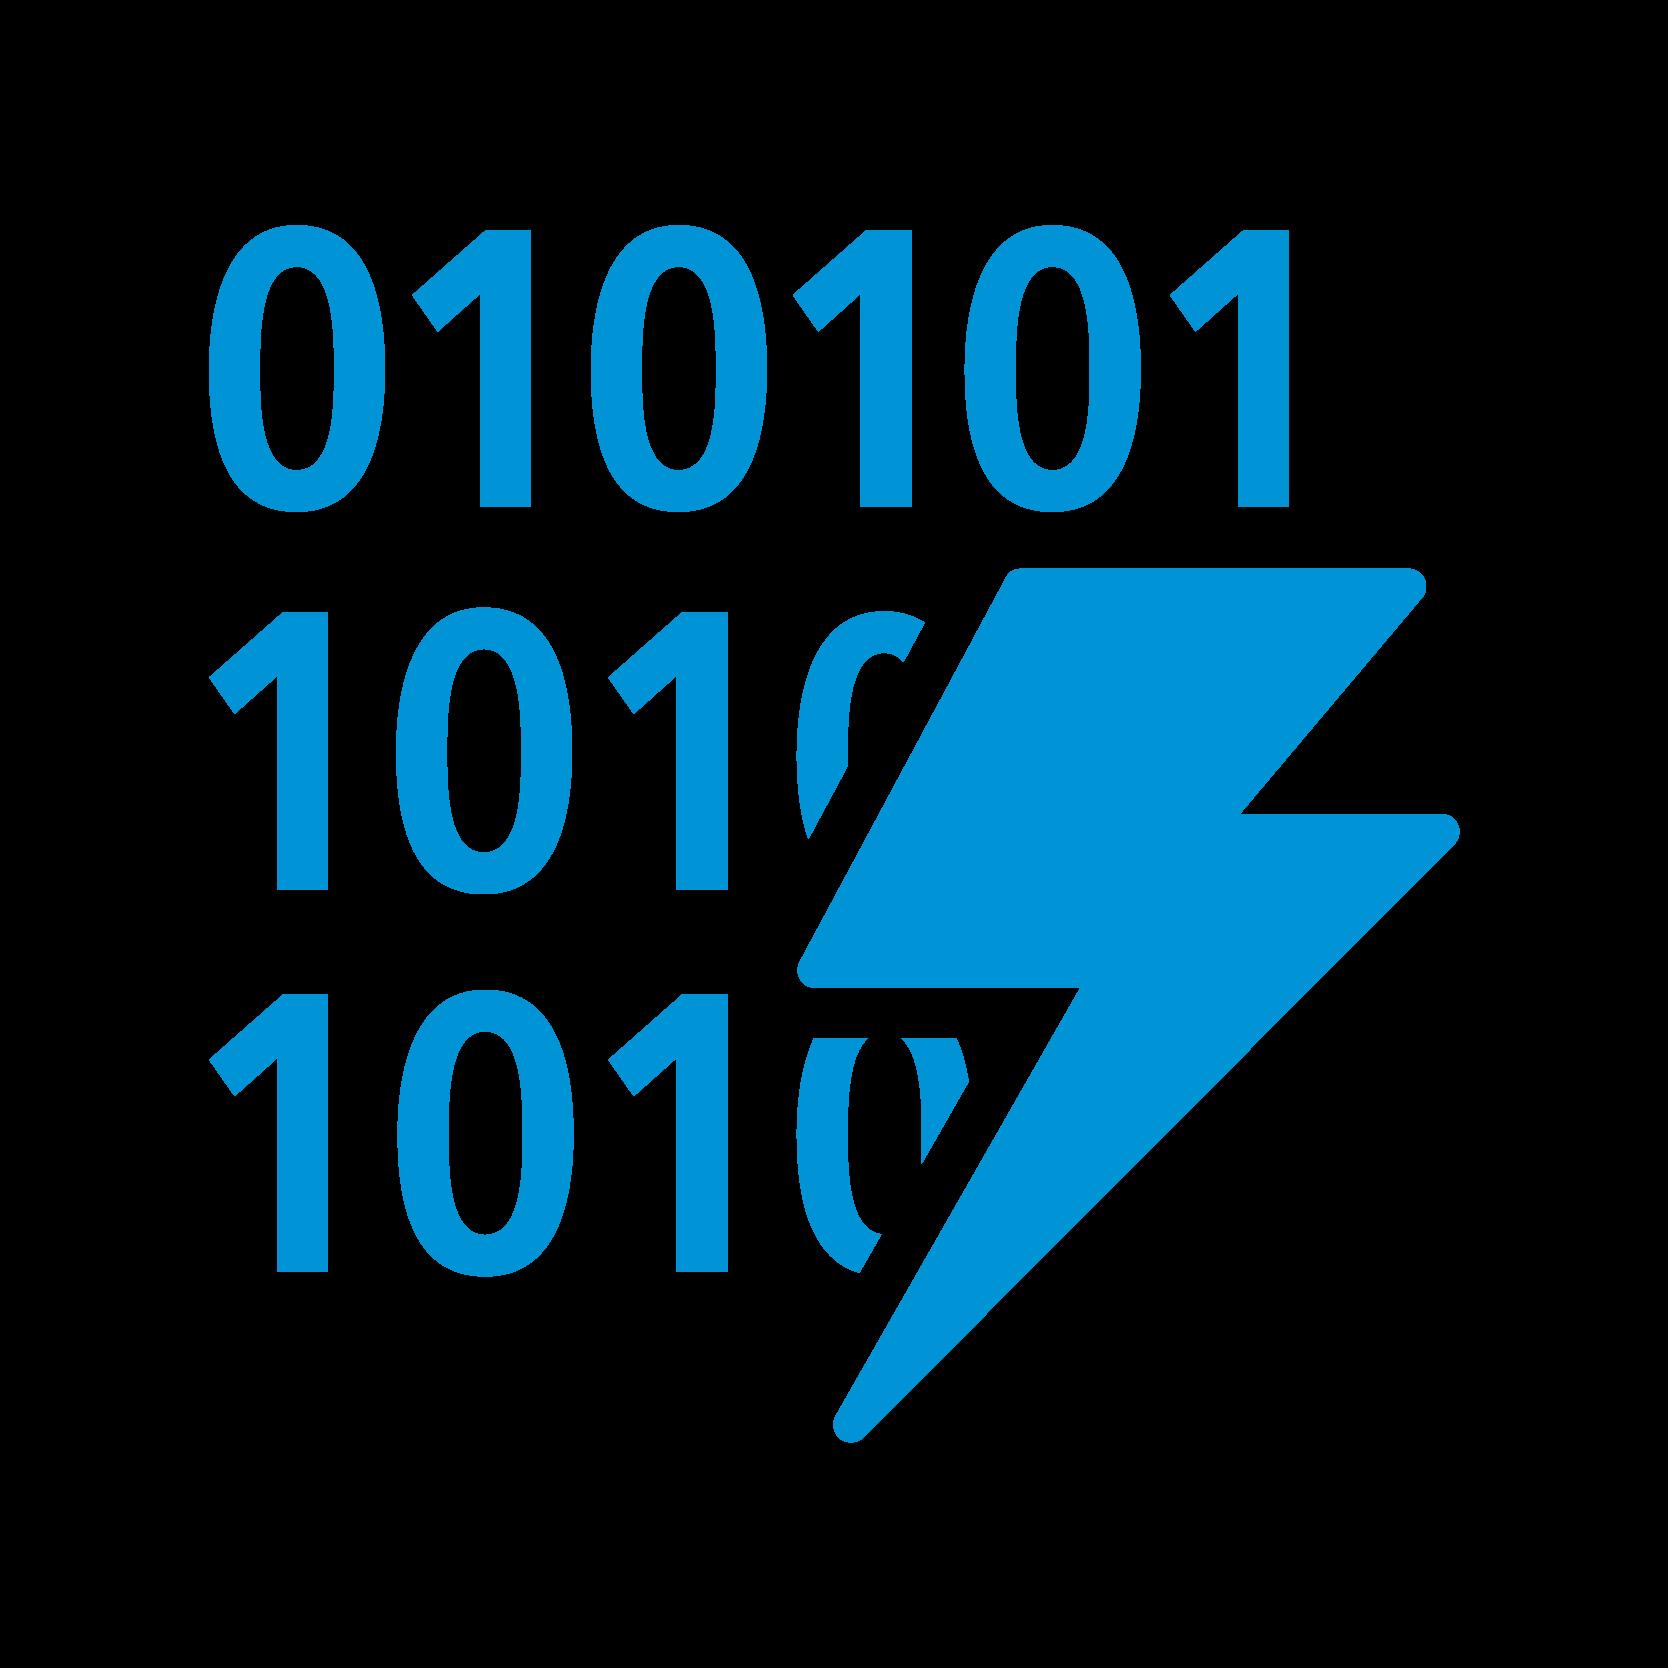 162a blue